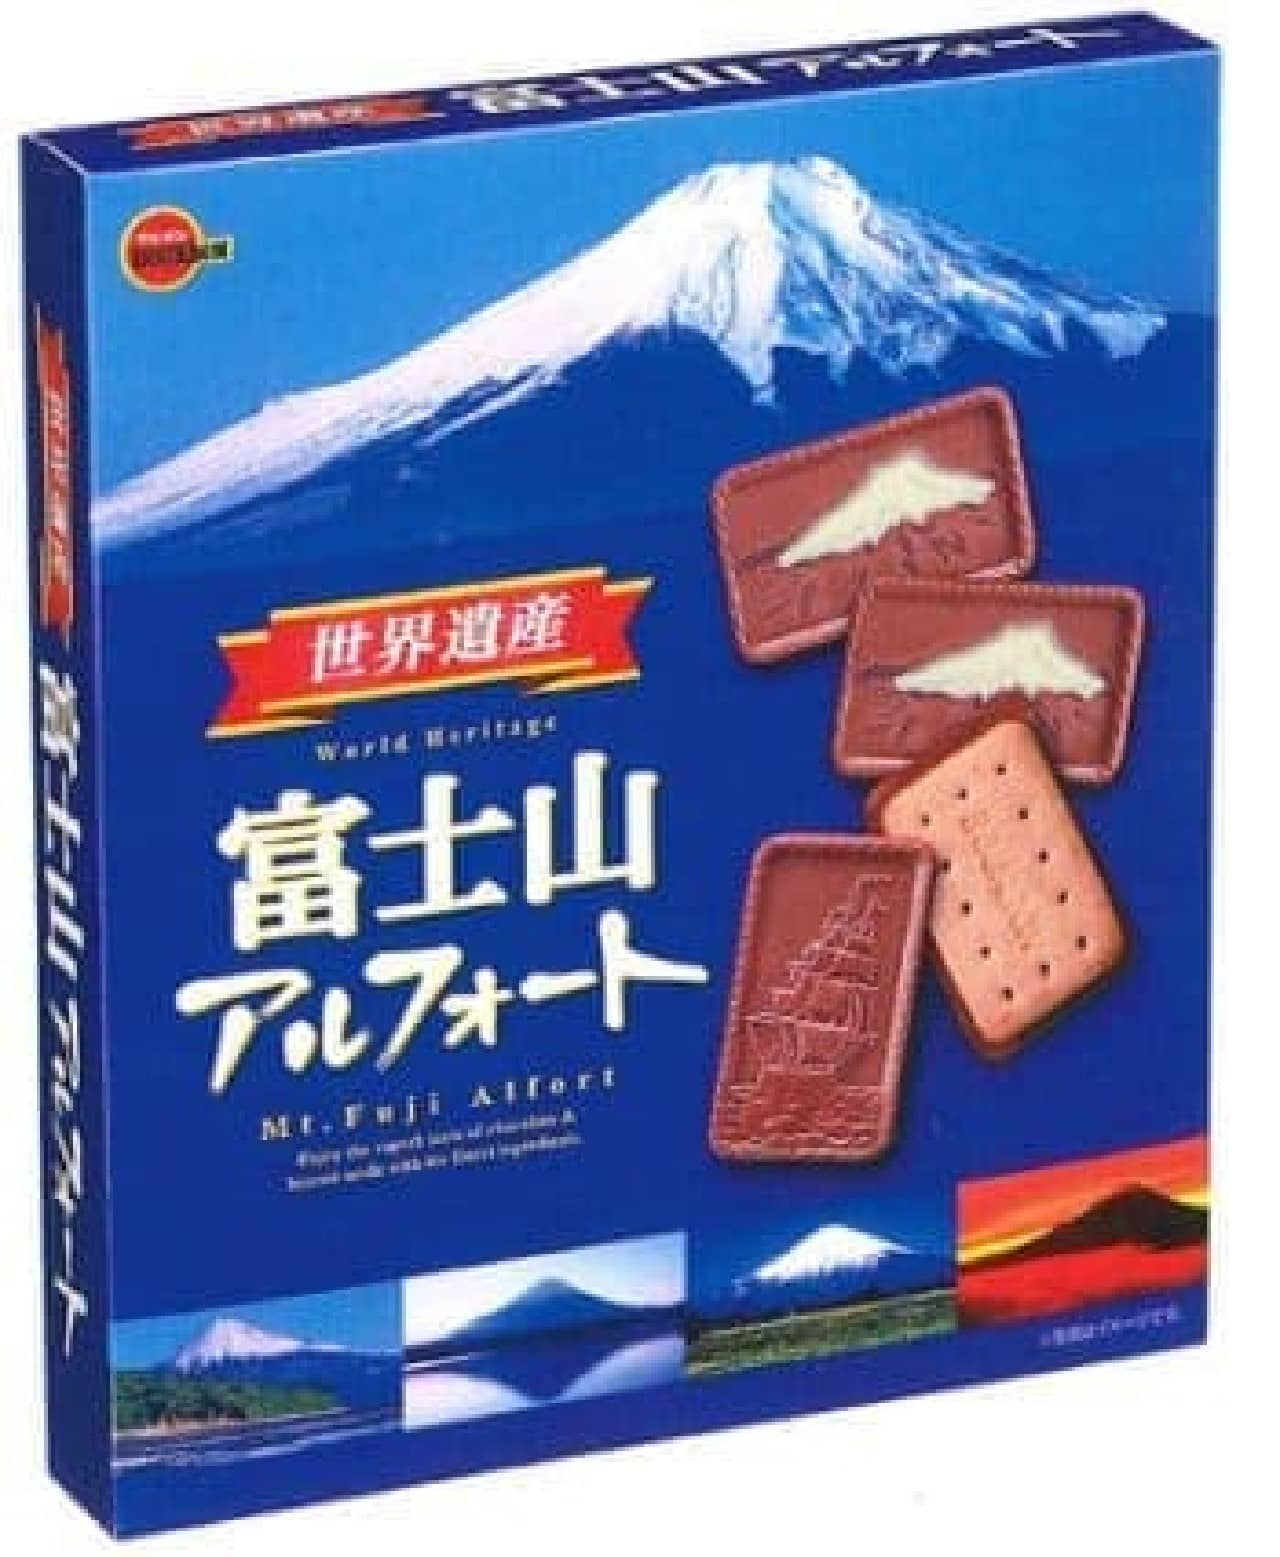 日本人の誇り「富士山」がアルフォートに